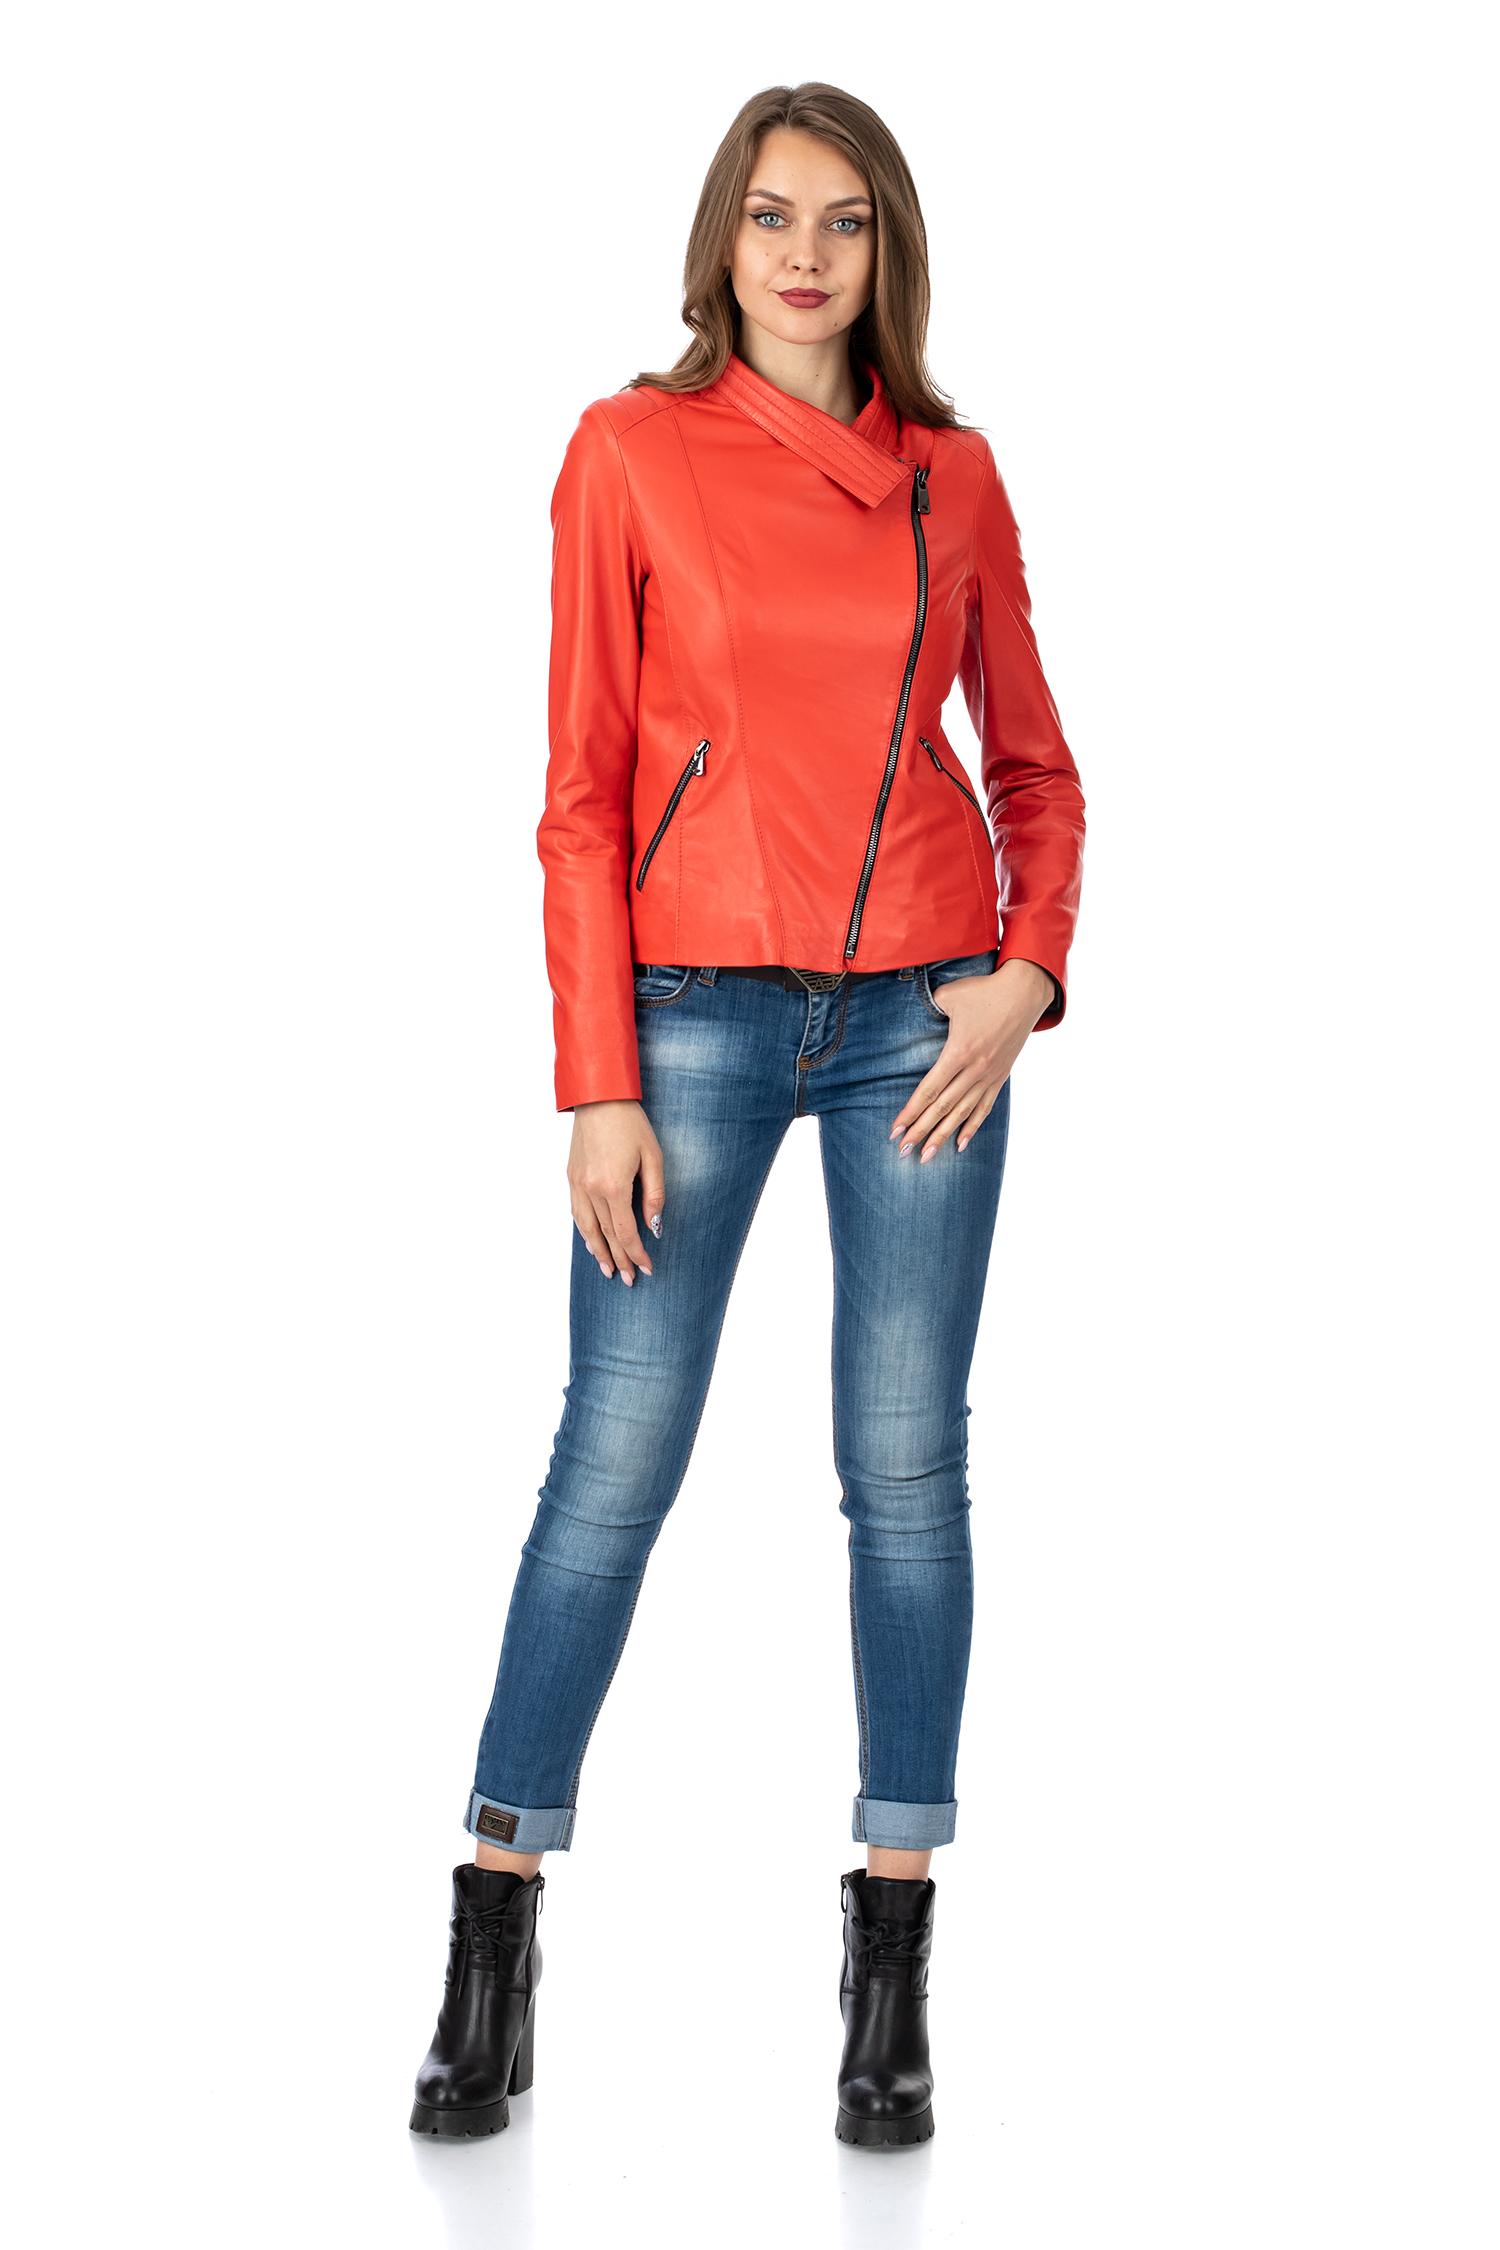 Фото 2 - Женская кожаная куртка из натуральной кожи с капюшоном от МОСМЕХА красного цвета